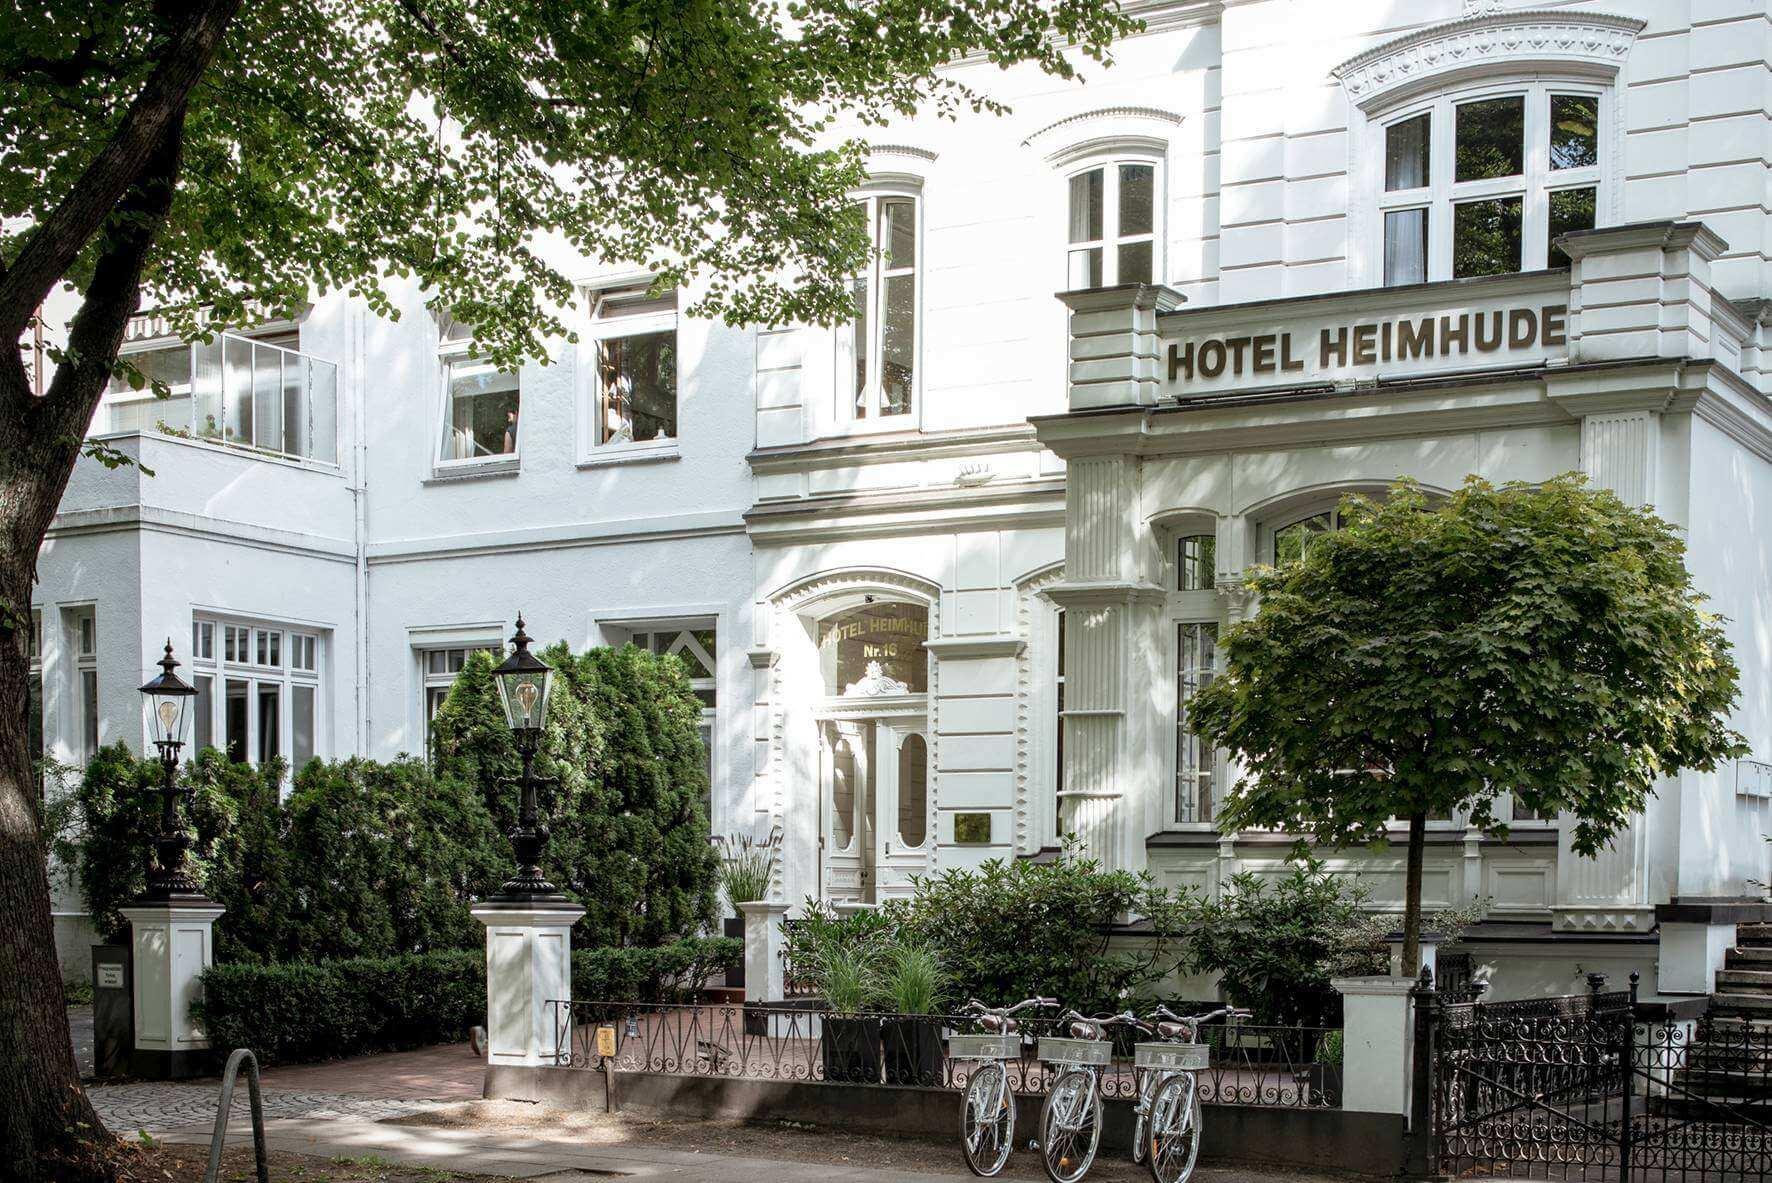 Stilwerk Hotels Heimhude Architektur